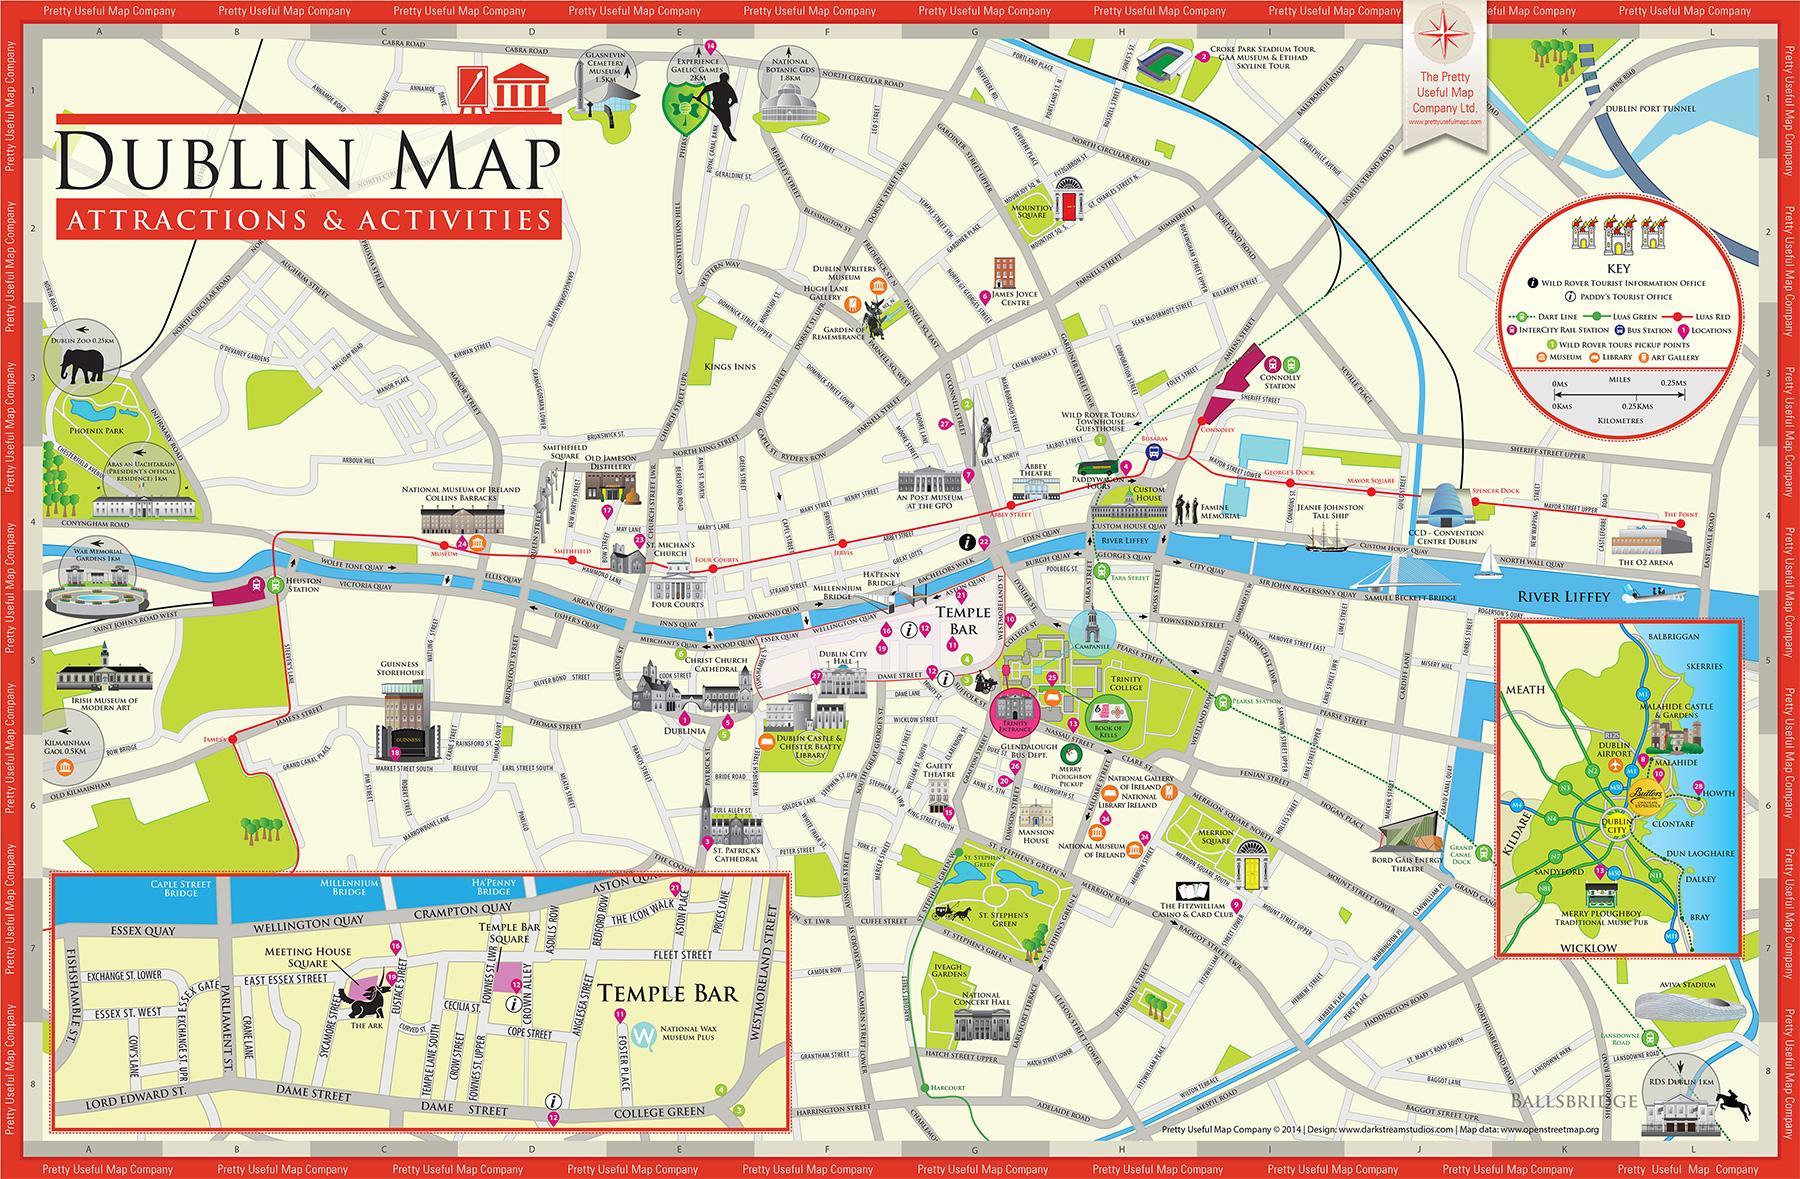 Irlanda Cartina Turistica.Dublino Mappa Della Citta Mappa Turistica Di Dublino Irlanda